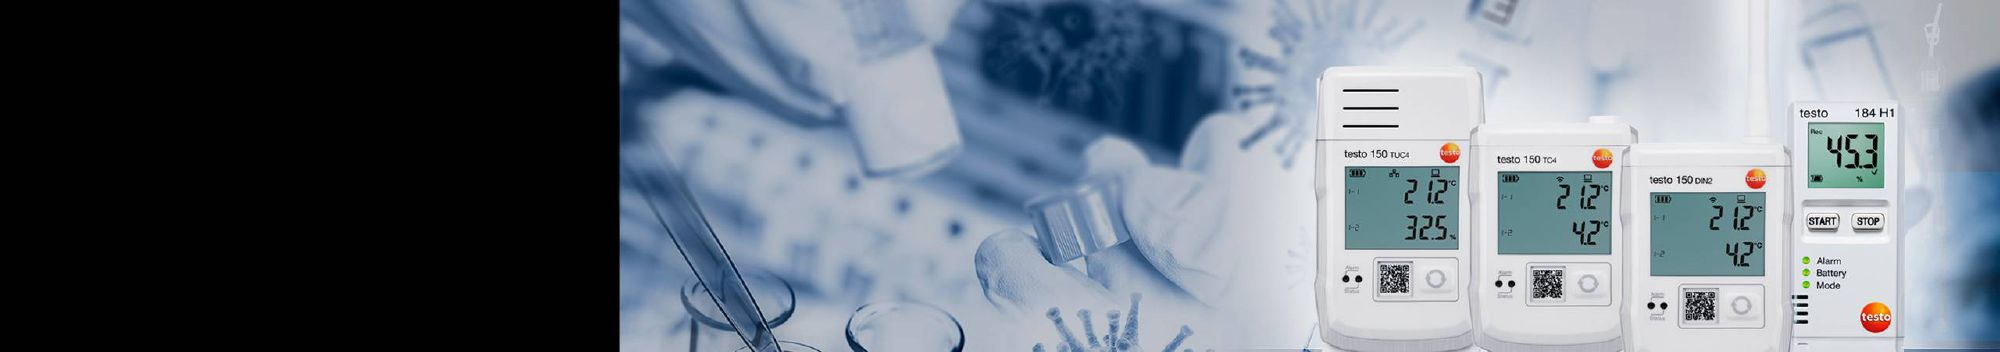 La <strong>tecnologia Testo</strong> est&aacute; lista para la vacuna contra el COVID-19.